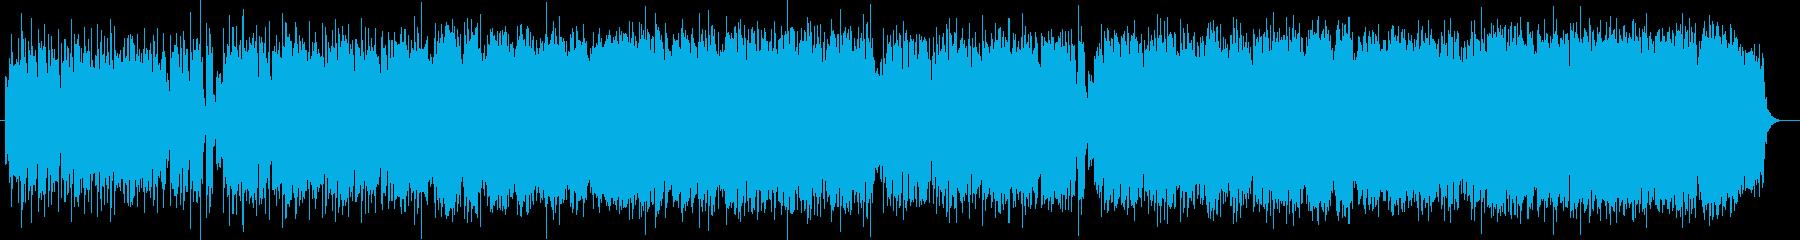 優しい印象シンセサイザーポップの再生済みの波形